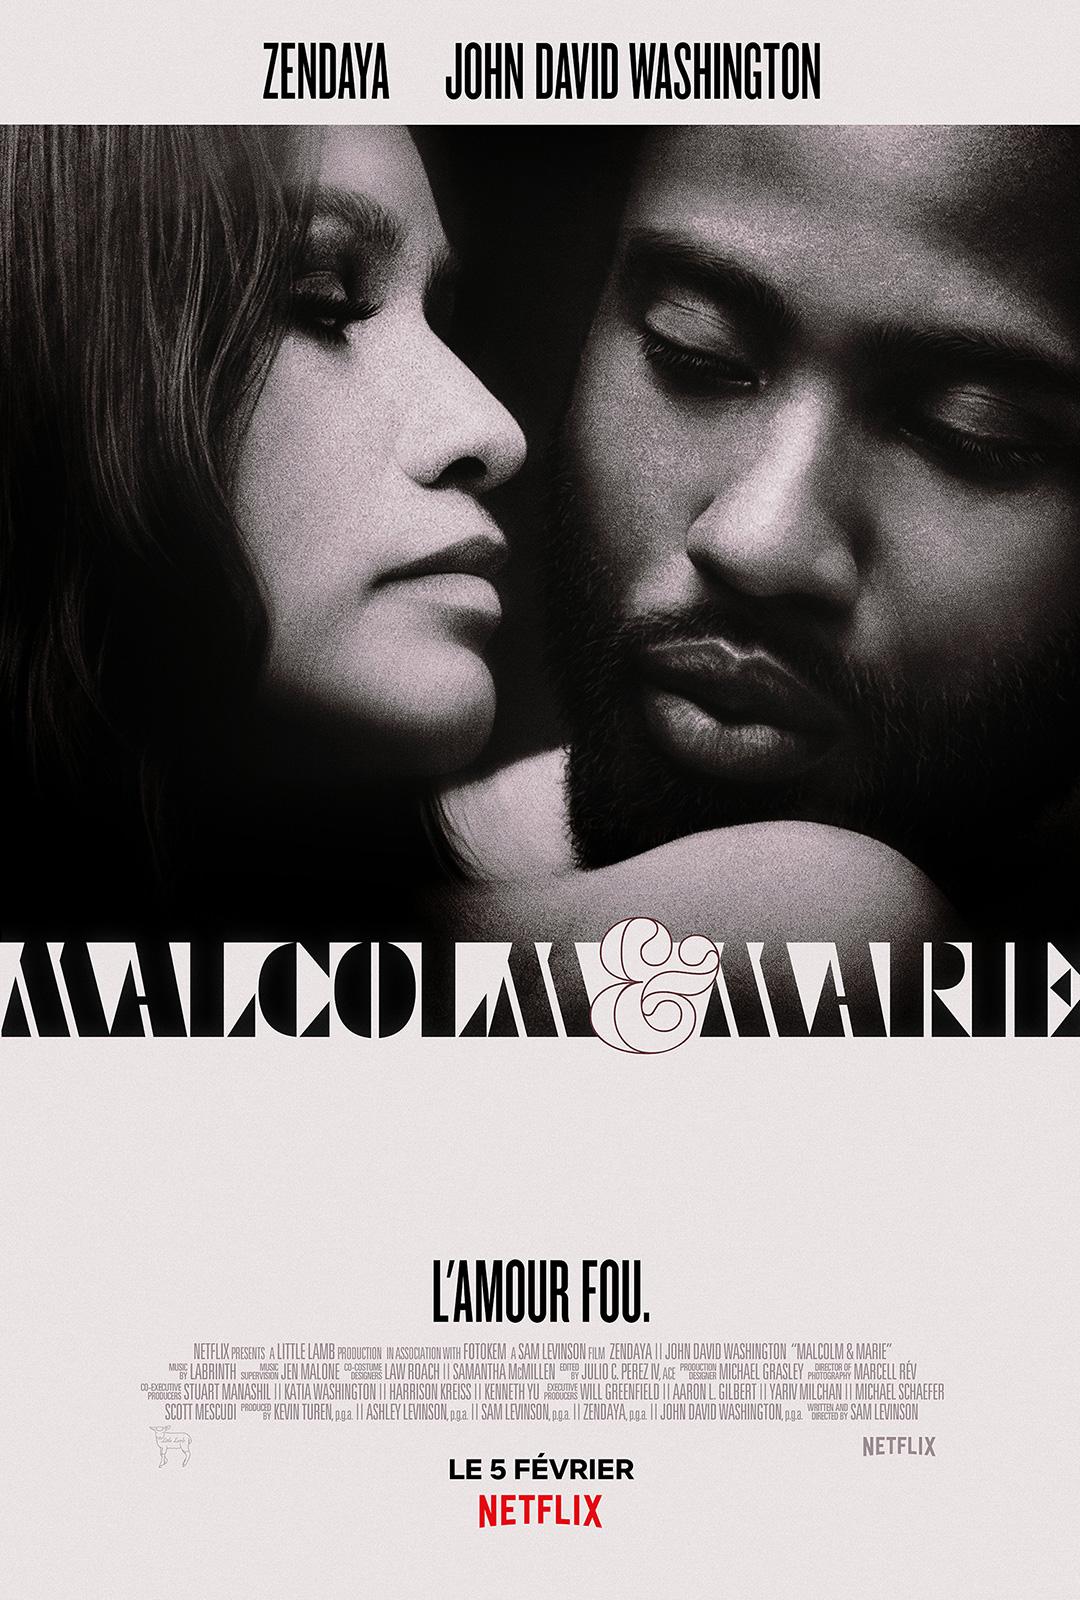 Malcolm & Marie - film 2021 - AlloCiné